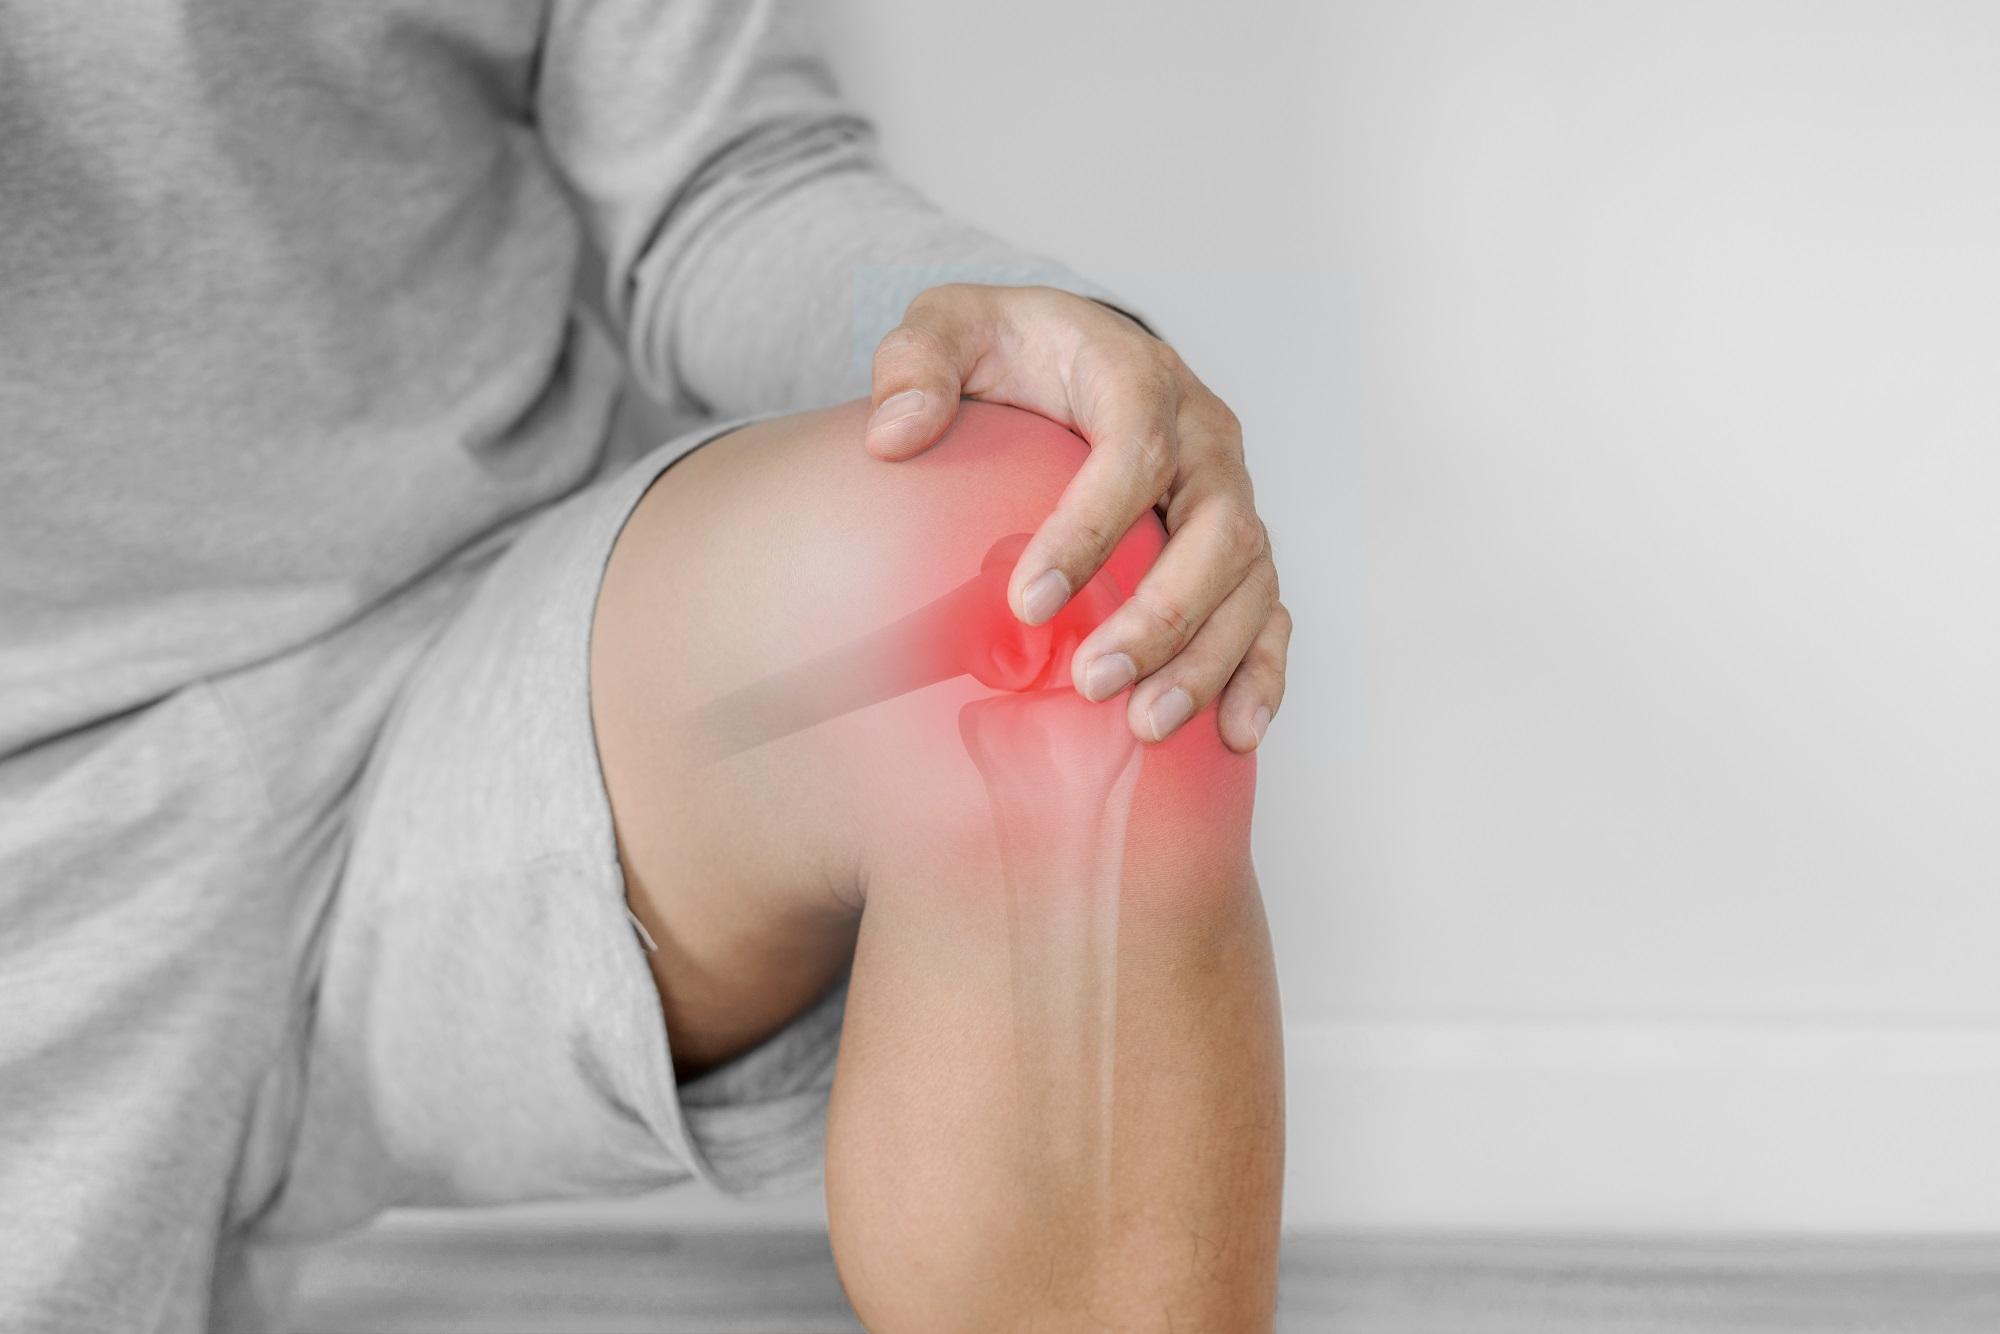 kaklo skausmas ir sąnarių skausmas